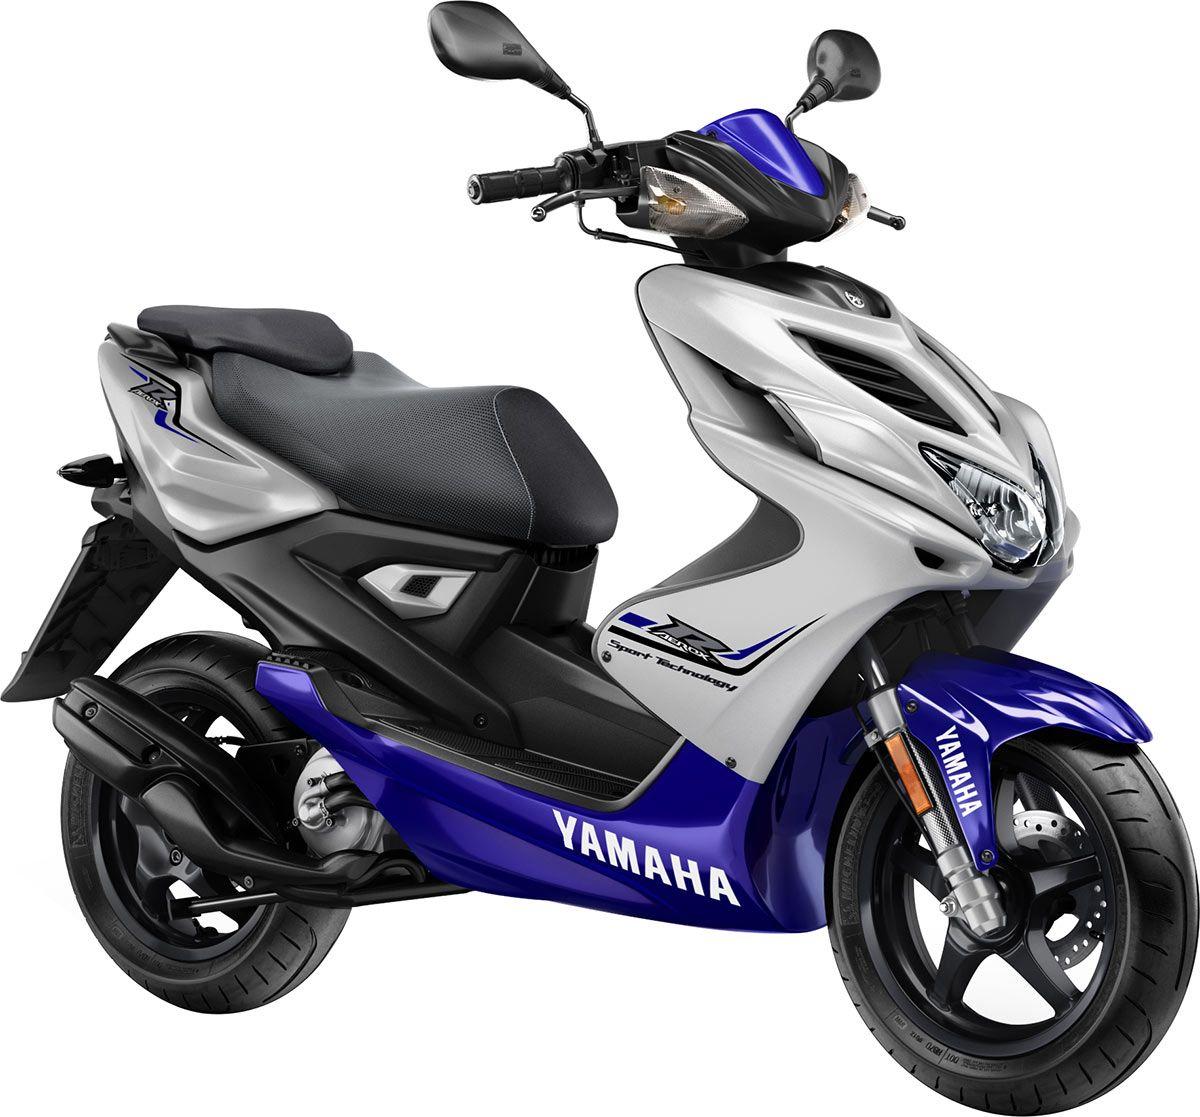 yamaha pr sentation des bw 39 s et aerox 2015 scooter 50. Black Bedroom Furniture Sets. Home Design Ideas